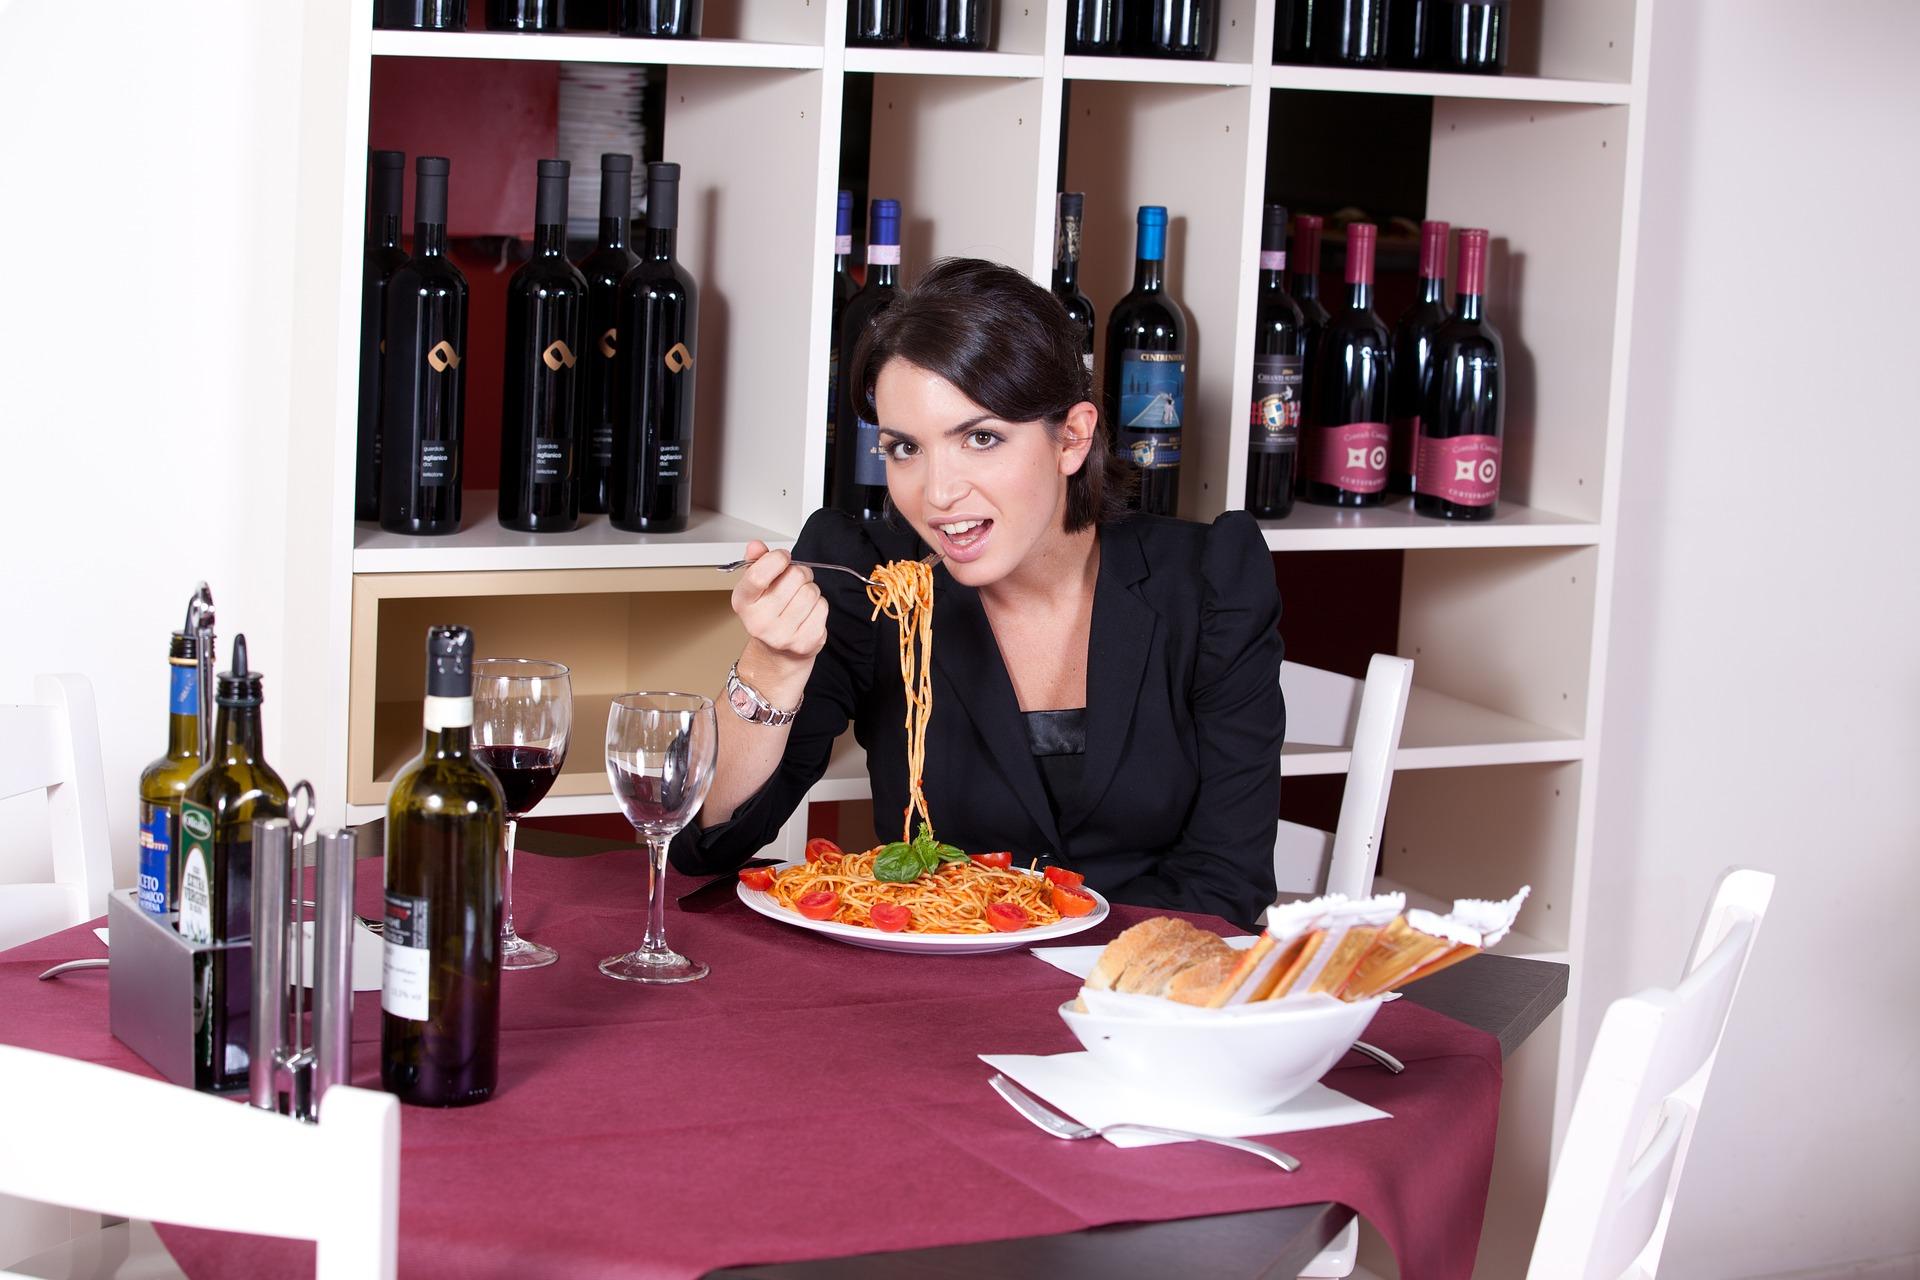 Mulher comendo comida italiana com adega de vinhos atrás.